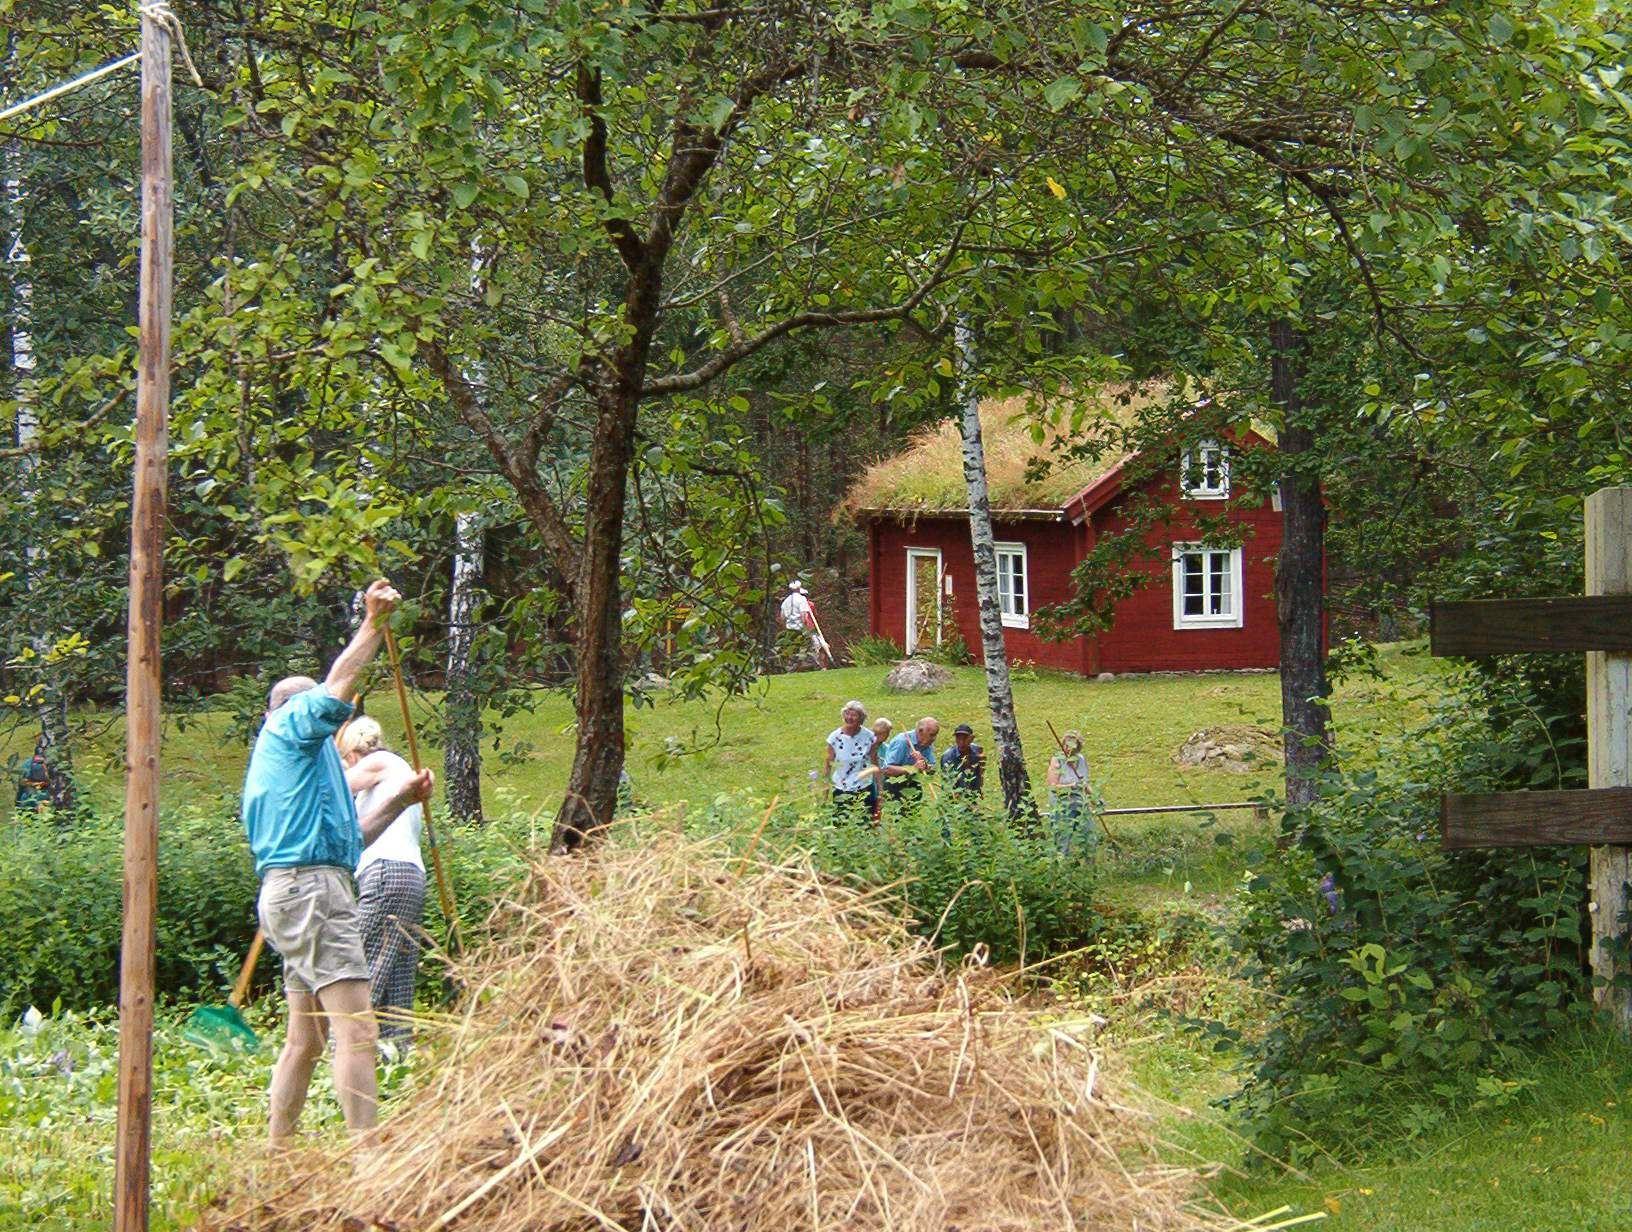 Roger Söderling,  © Älmeboda Hembygdsförening, Slåtter i hembygdsparken